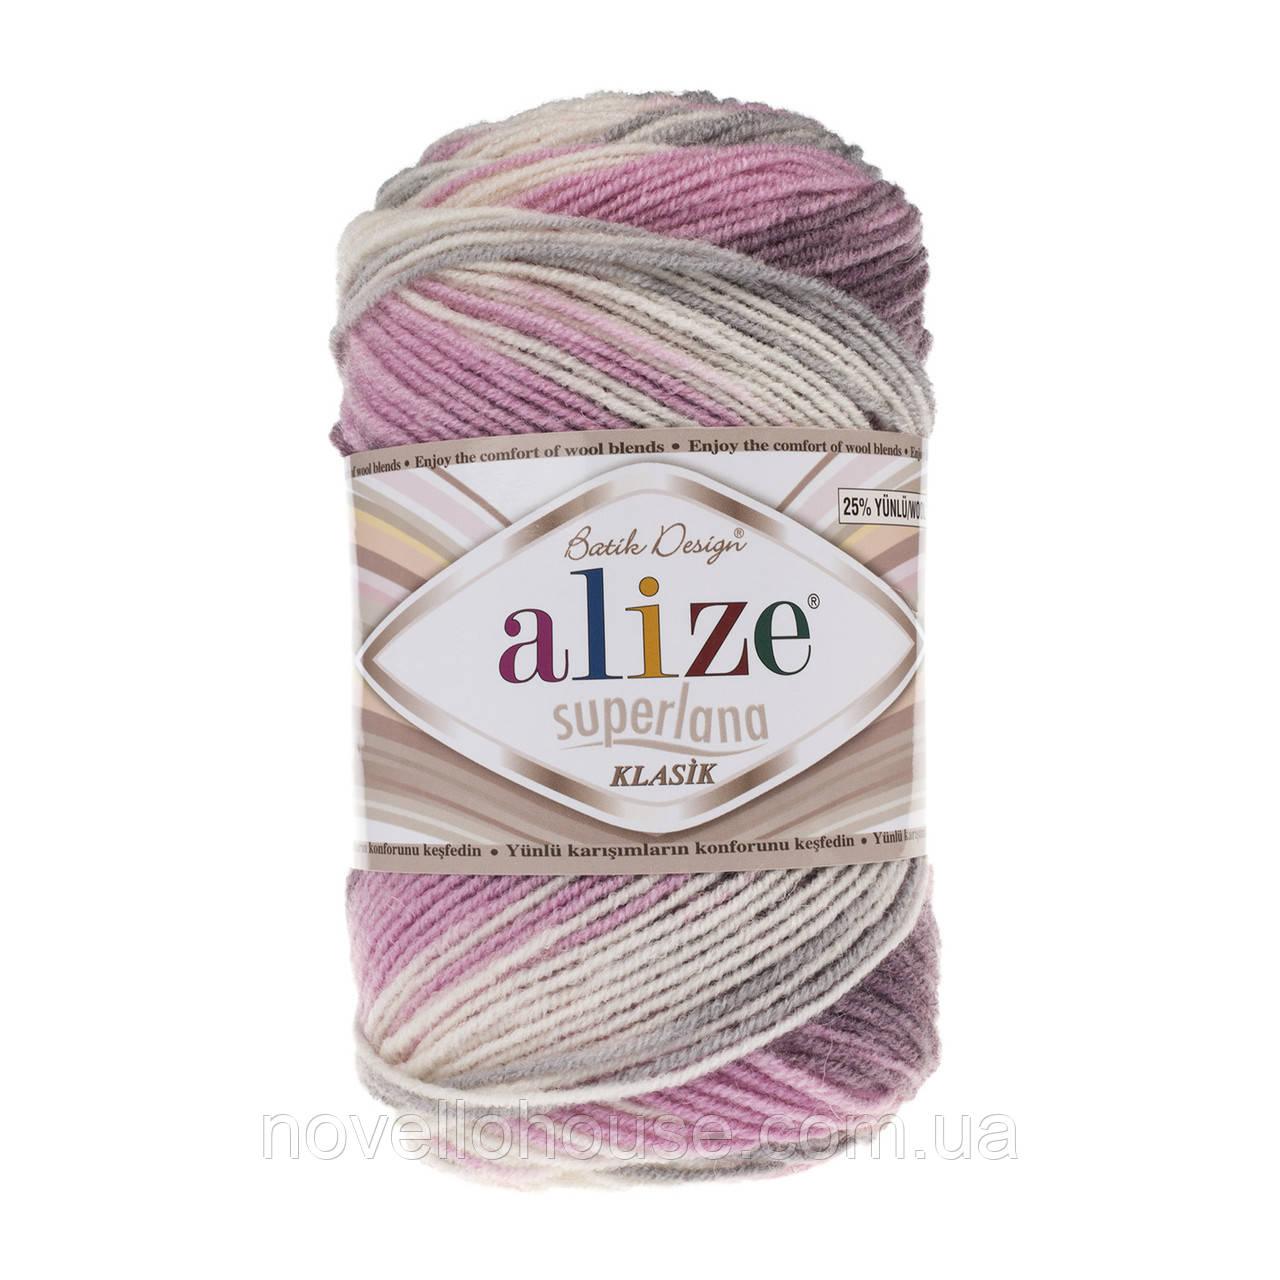 Alize Superlana Klasik Batik №6955: купить пряжу оптом и в